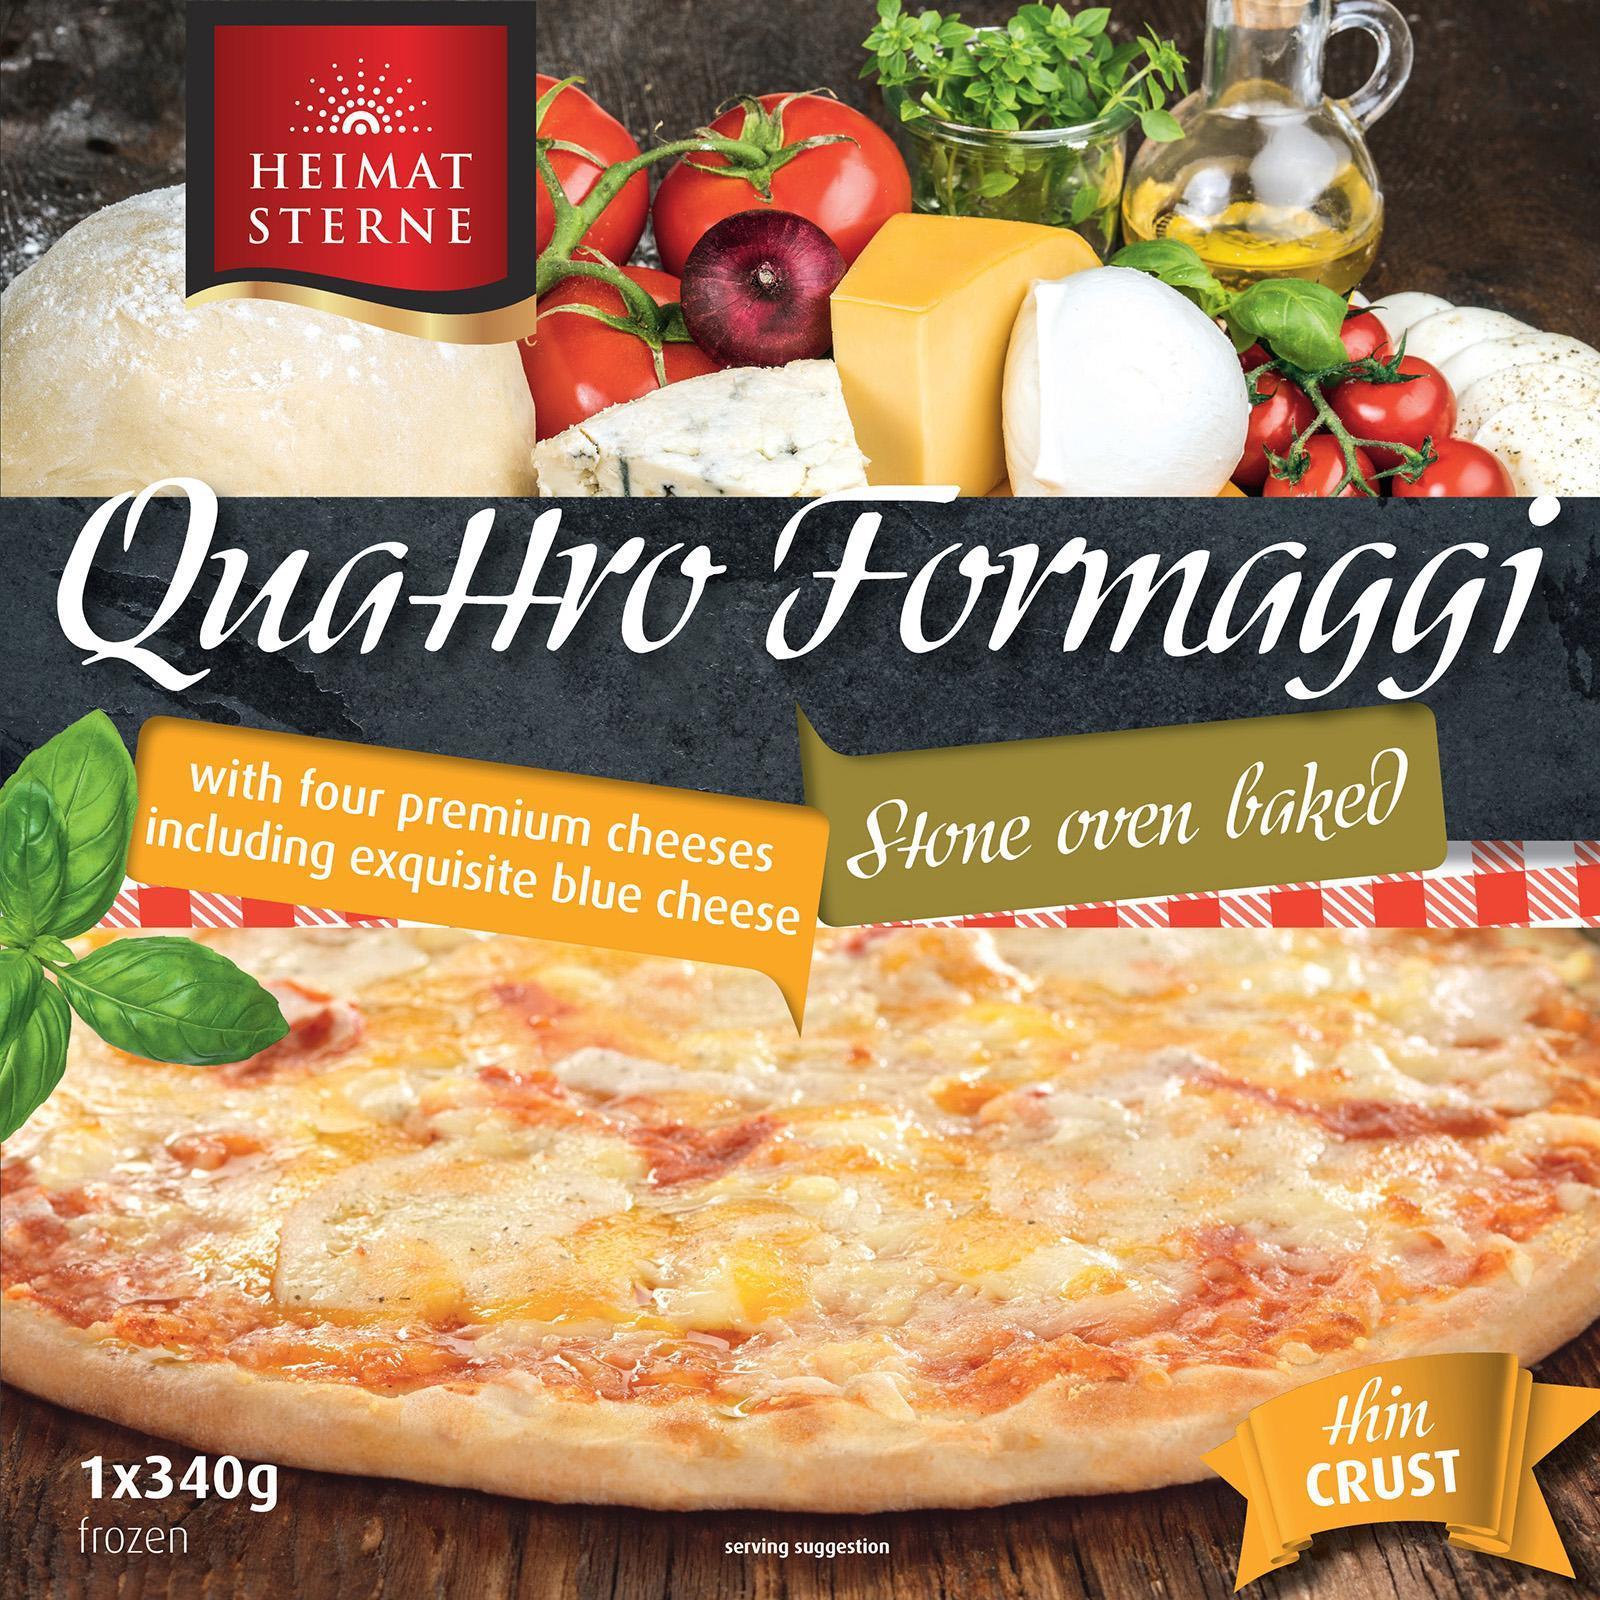 Heimatsterne Quattro Formaggi Thin Crust Pizza - Frozen By Redmart.